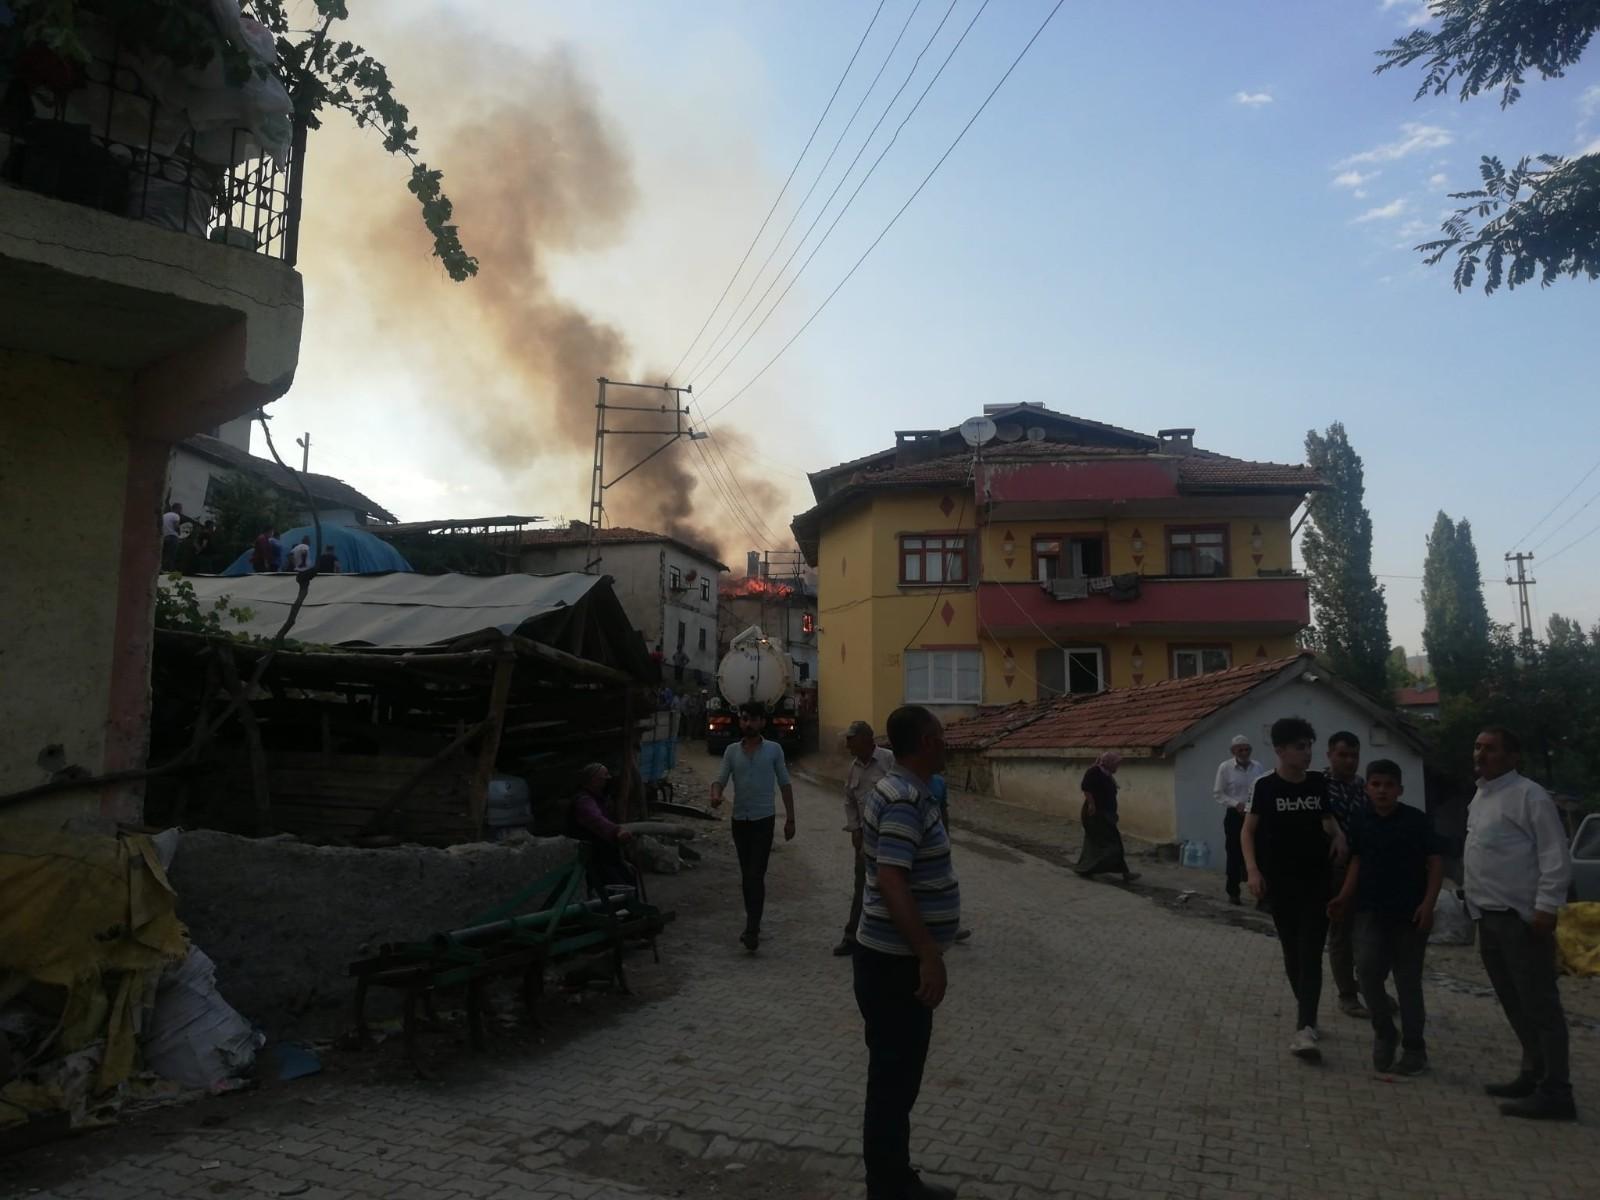 Çorum'da yangın: 3 ev ve 1 ahır kül oldu